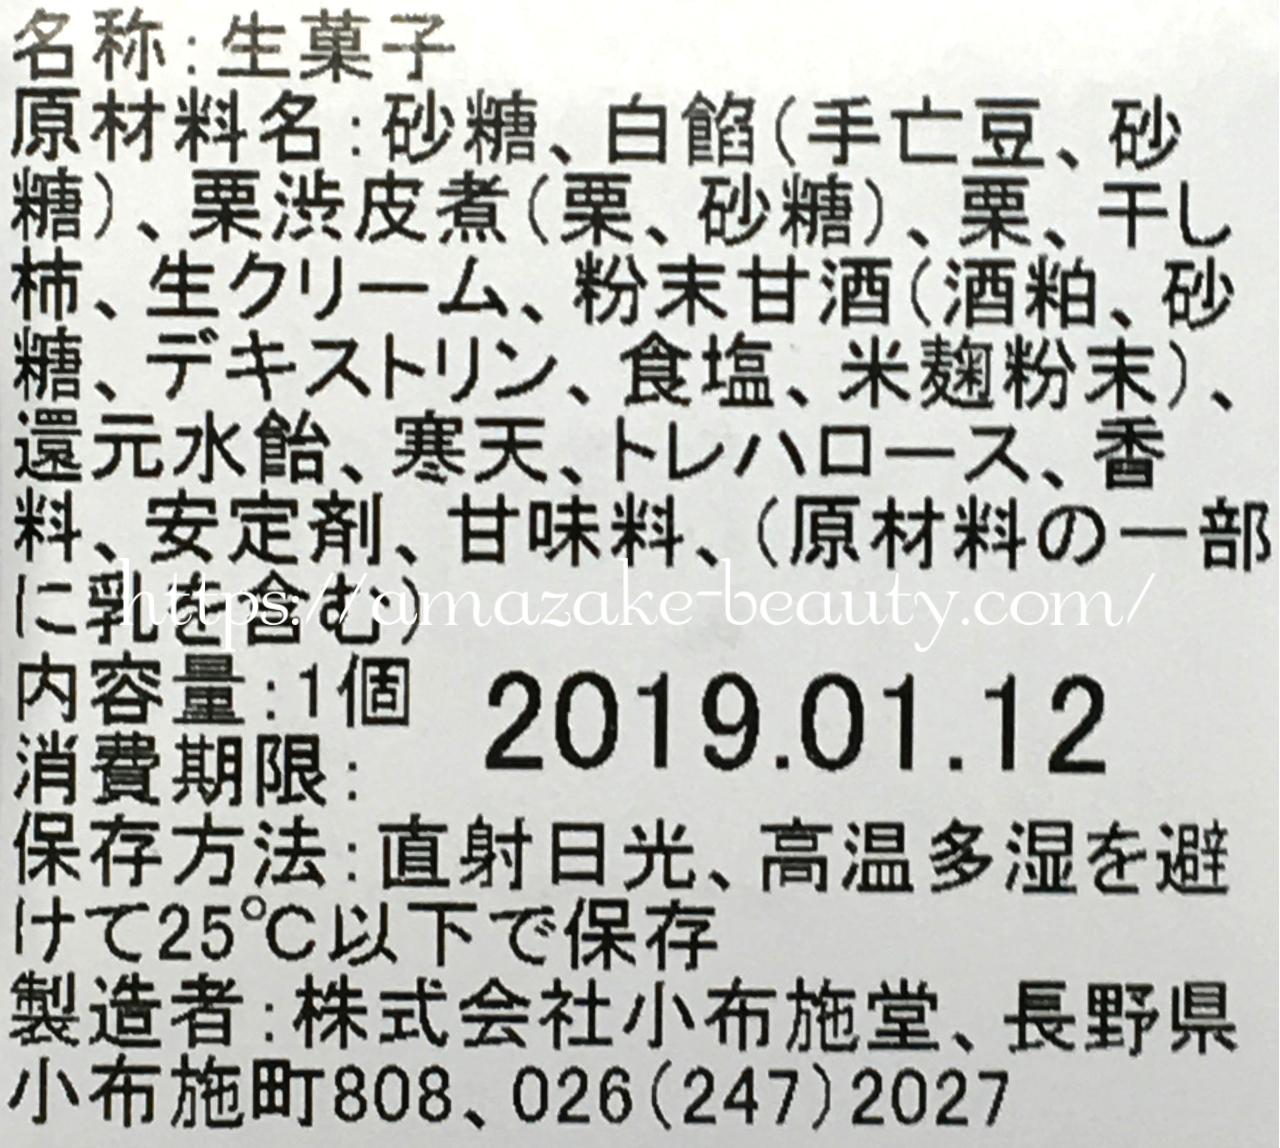 [amazake sweets]obusedo[amazake yokan to kuri yokan](product description)